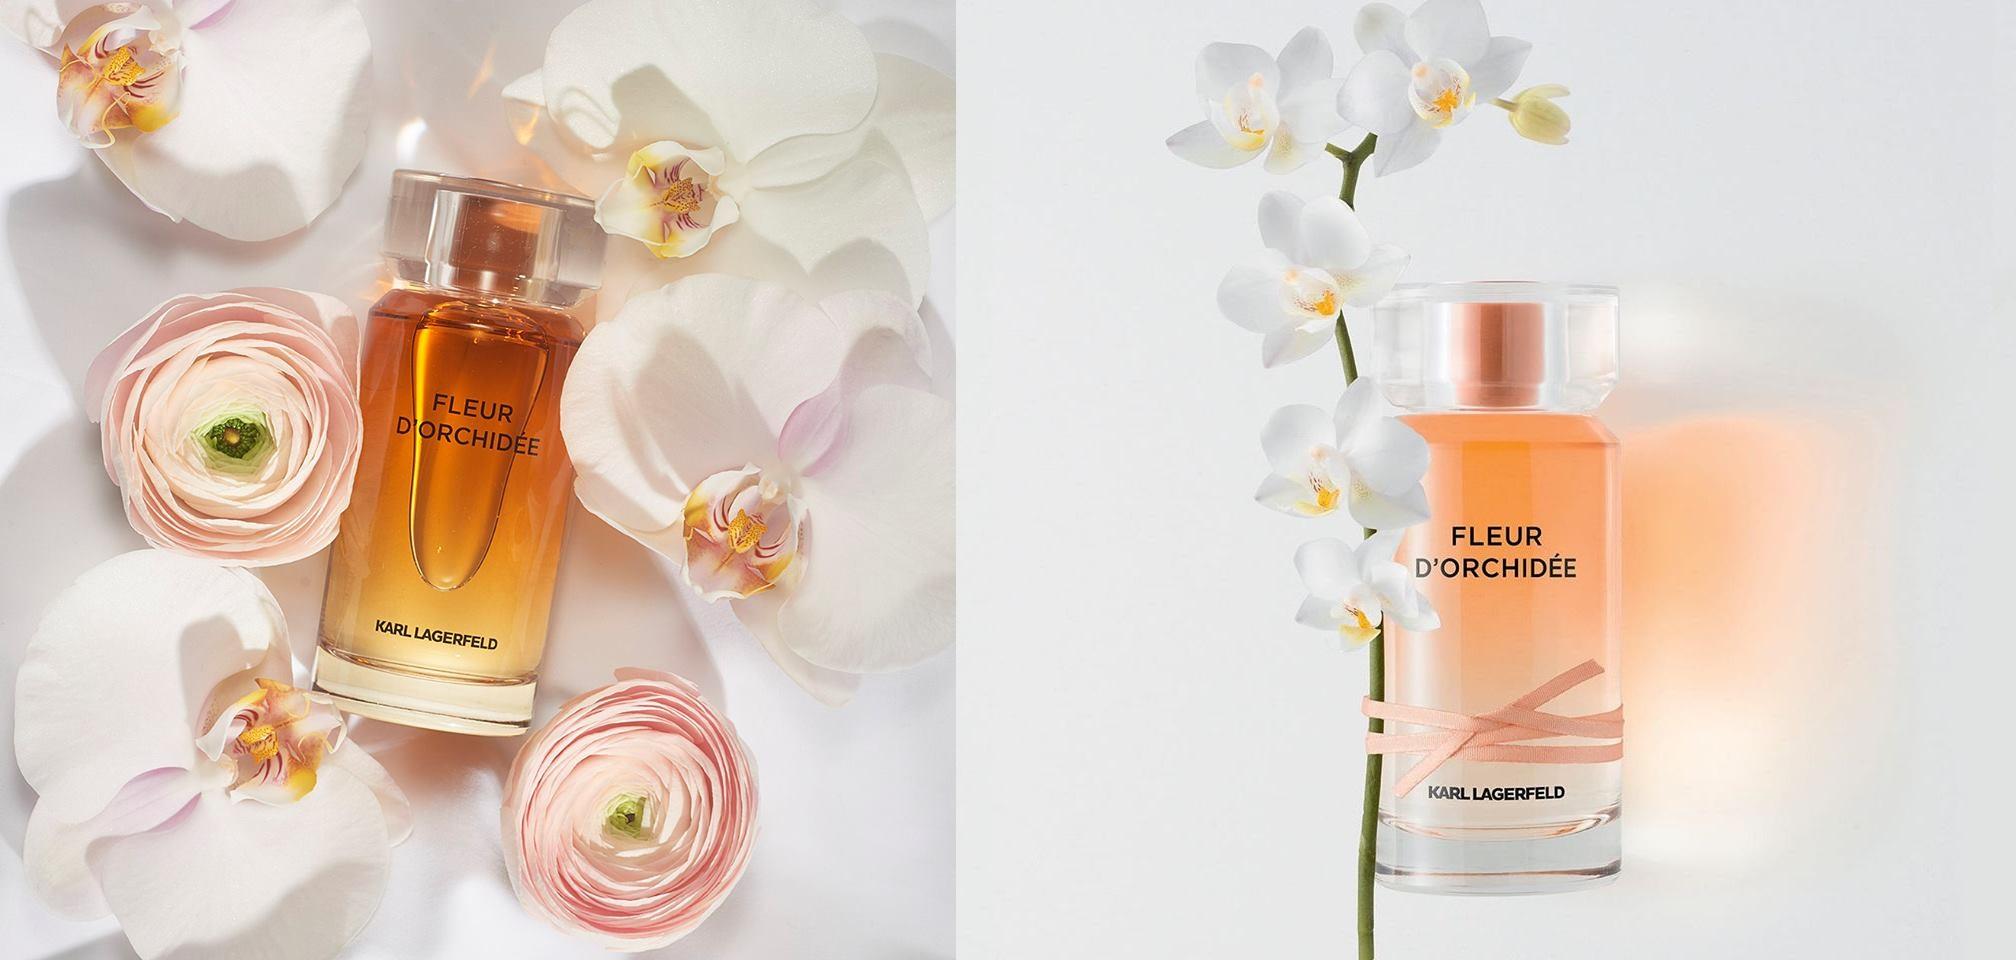 Karl Lagerfeld Fleur d Orchidee opinie